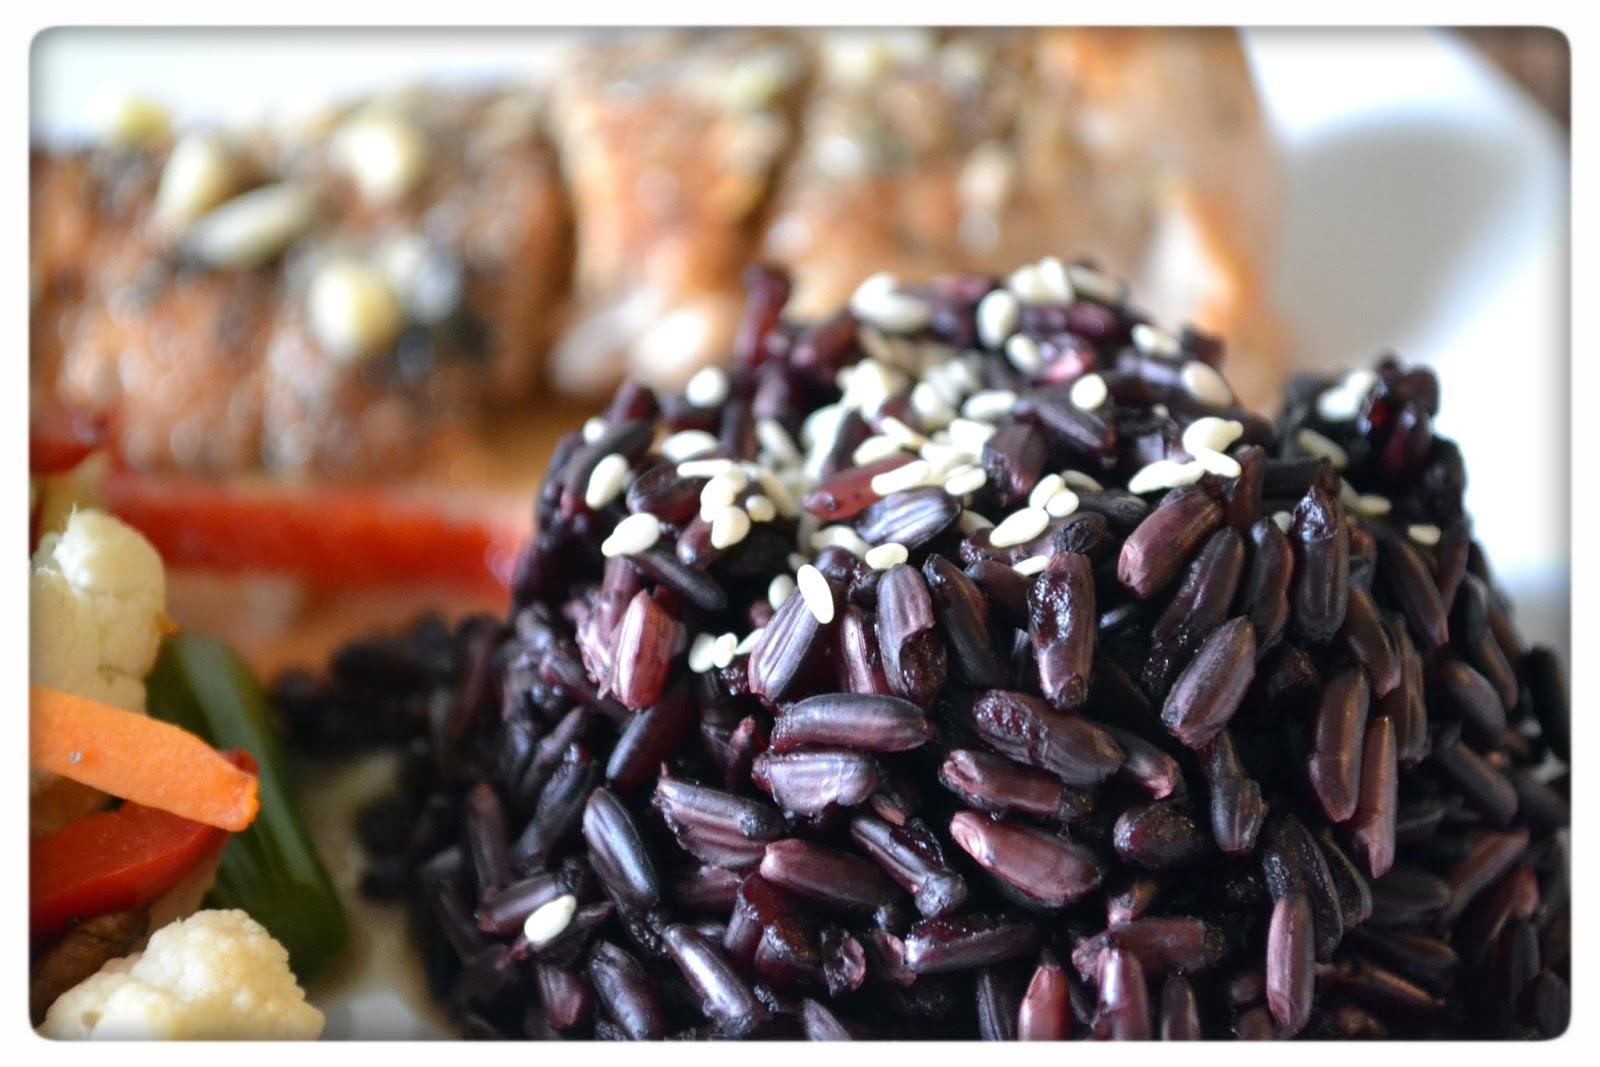 svart ris näringsinnehåll